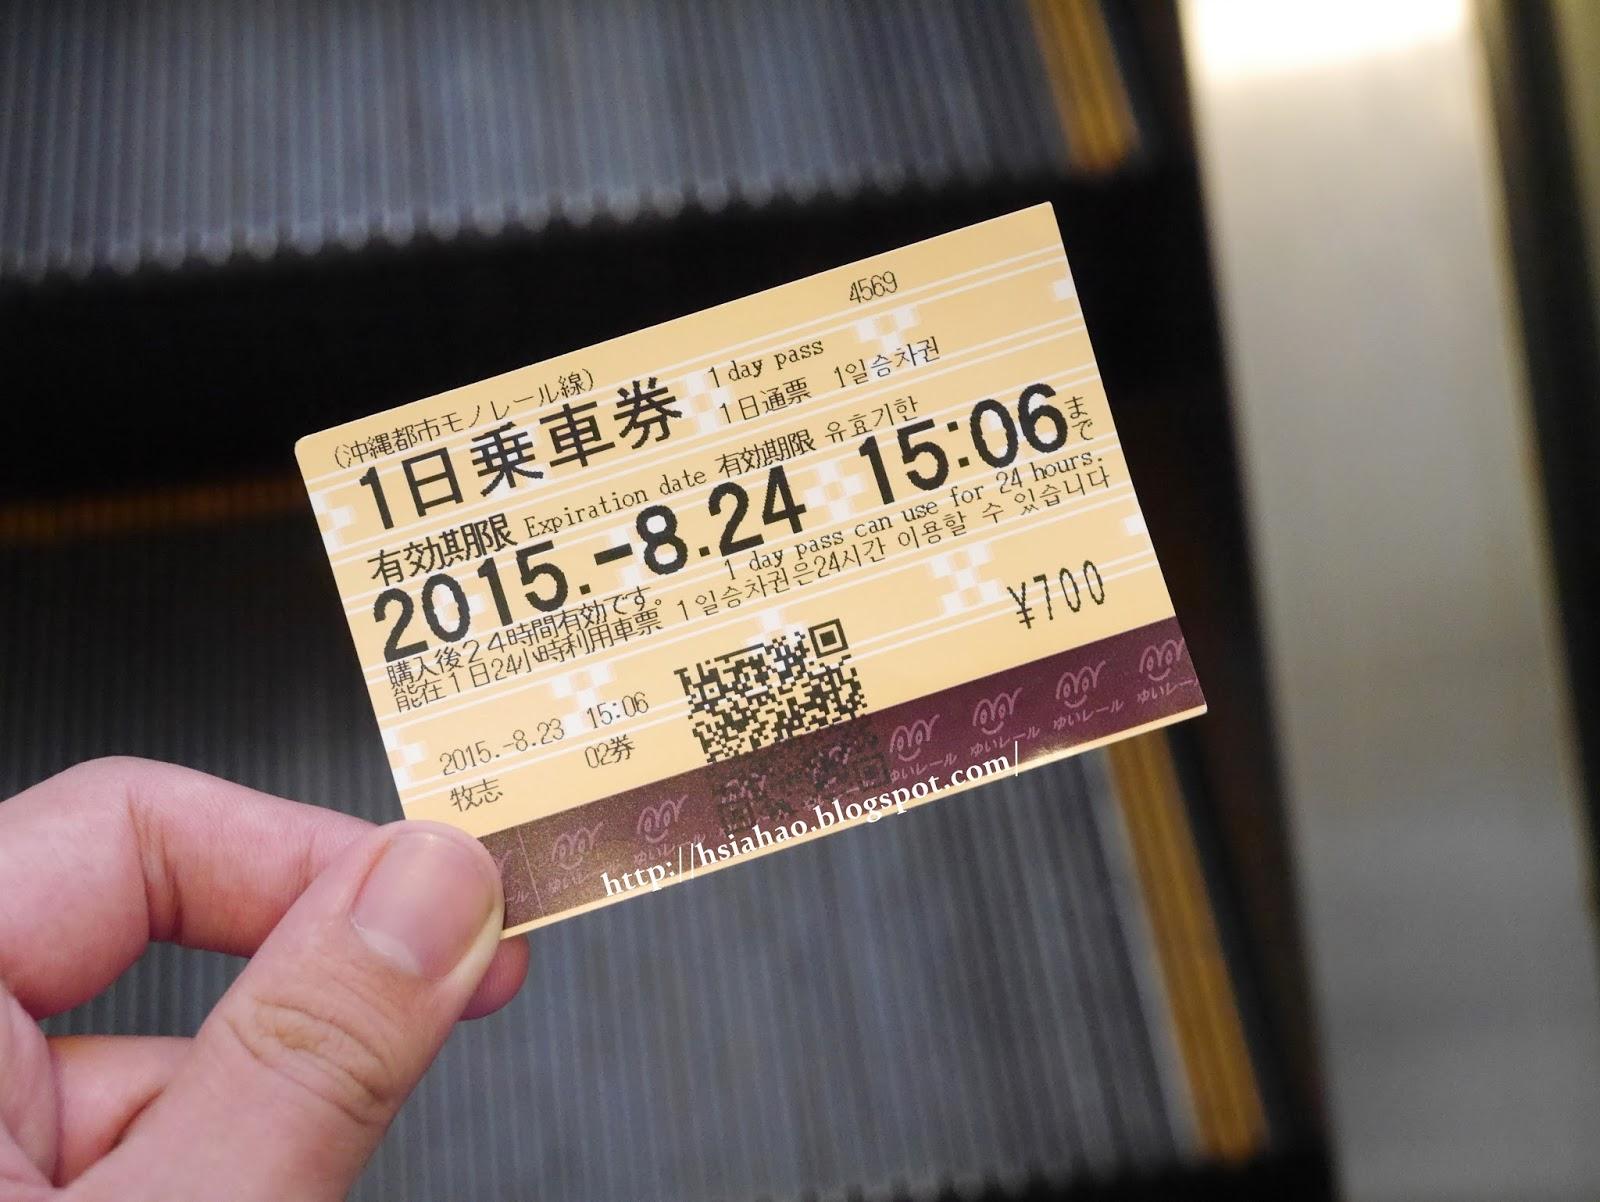 沖繩-交通-單軌電車-車票-普通券-一日乘車券-二日乘車券-Okinawa-yui-rail- transport-train